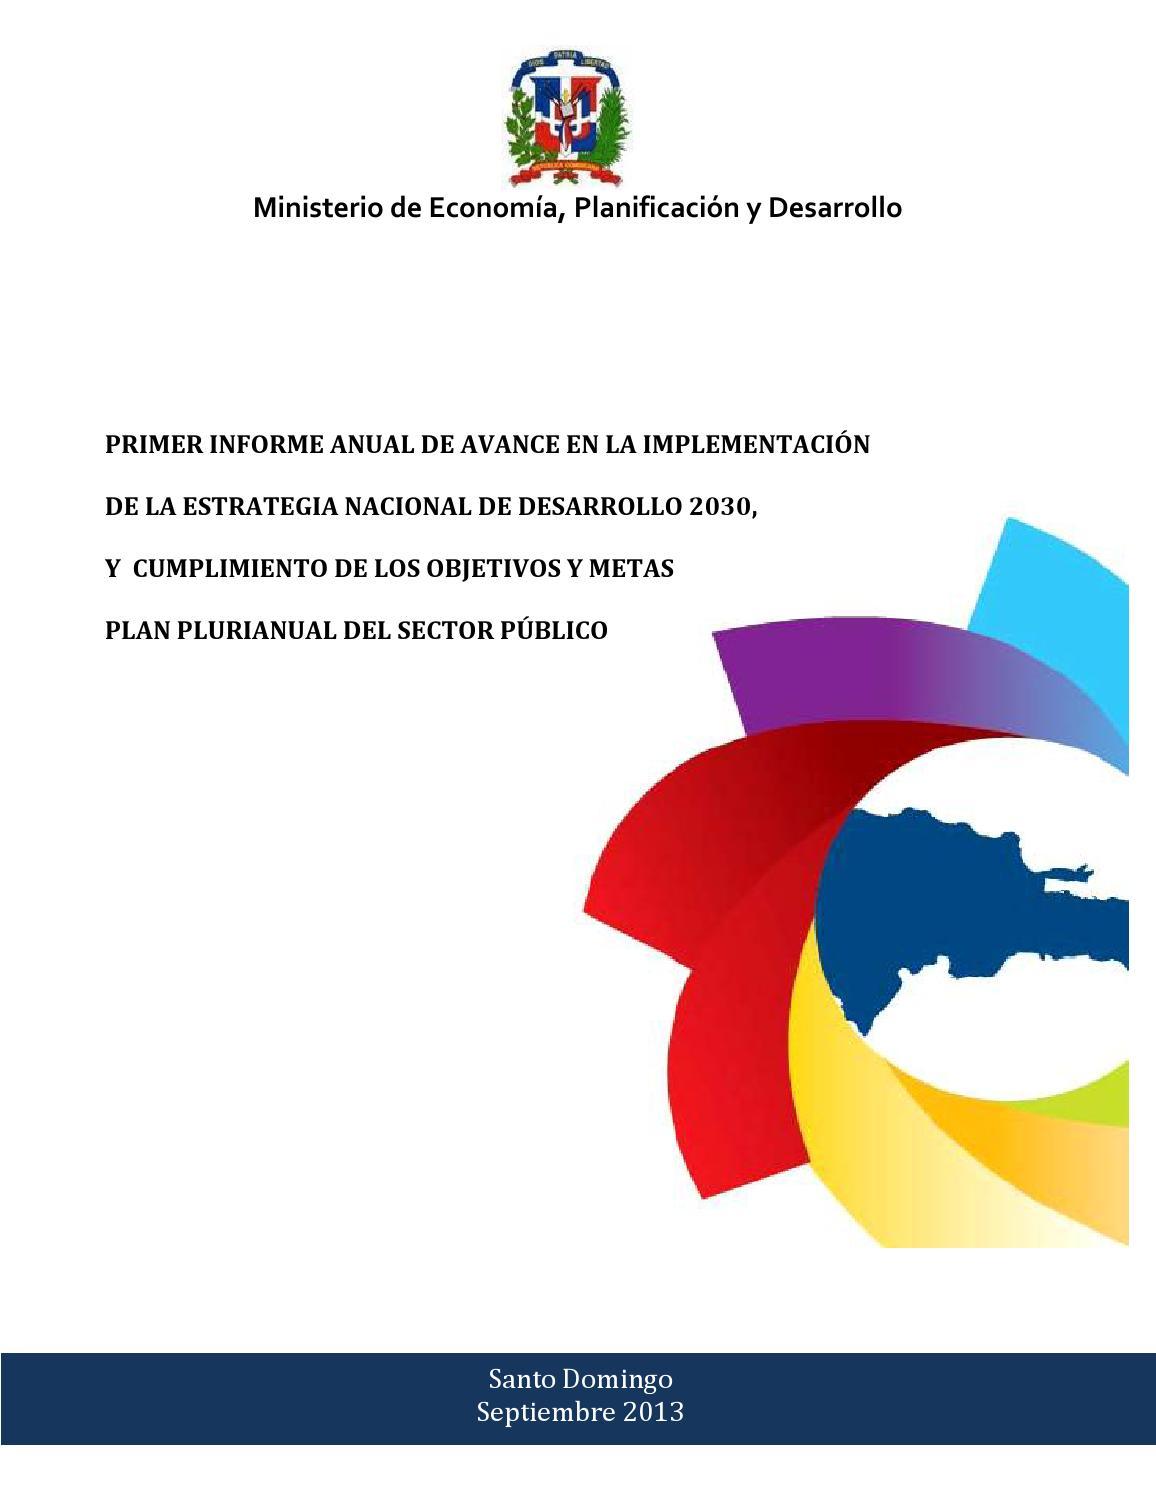 Primer informe avance end 2030 y cumplimiento objetivos y metas ...